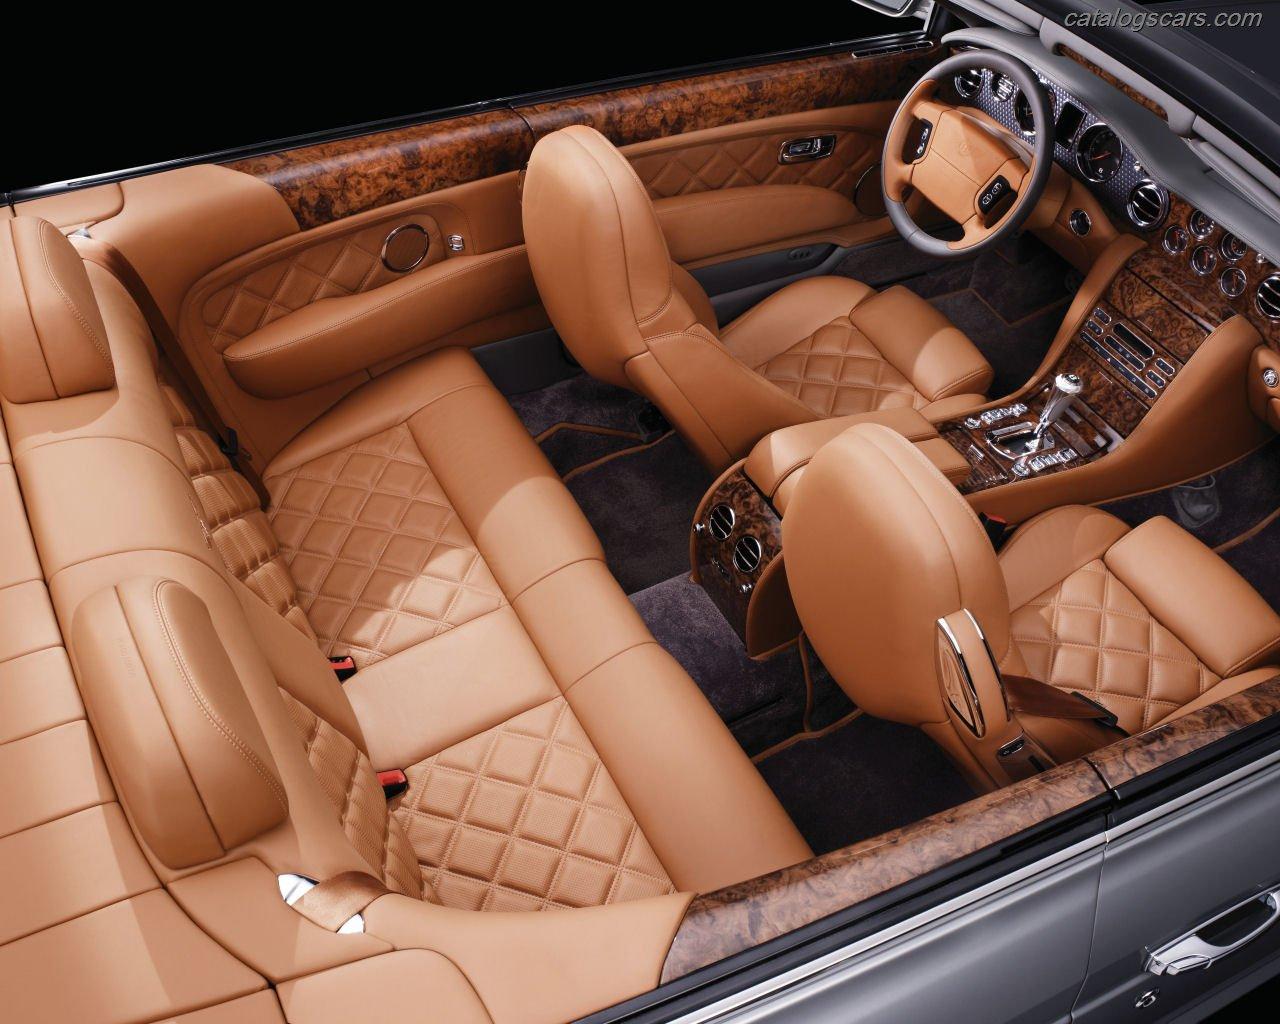 صور سيارة بنتلى ازور 2014 - اجمل خلفيات صور عربية بنتلى ازور 2014 - Bentley Azure Photos Bentley-Azure-2011-14.jpg